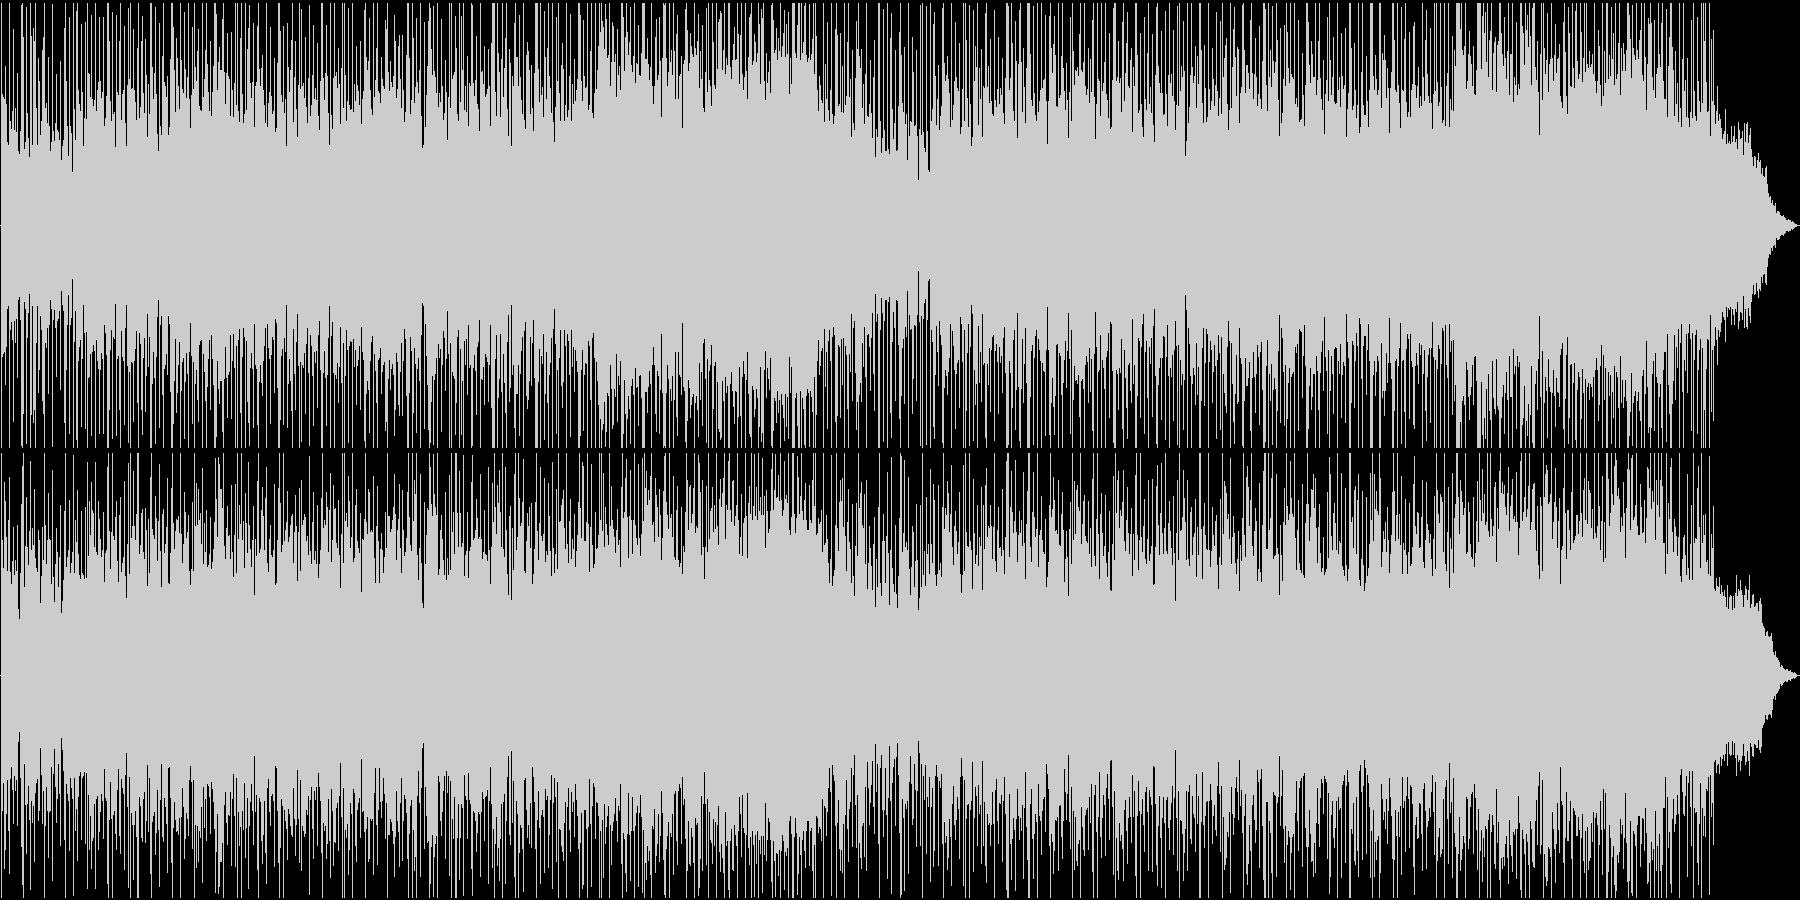 明るく爽やかな感じのBGM風の曲の未再生の波形